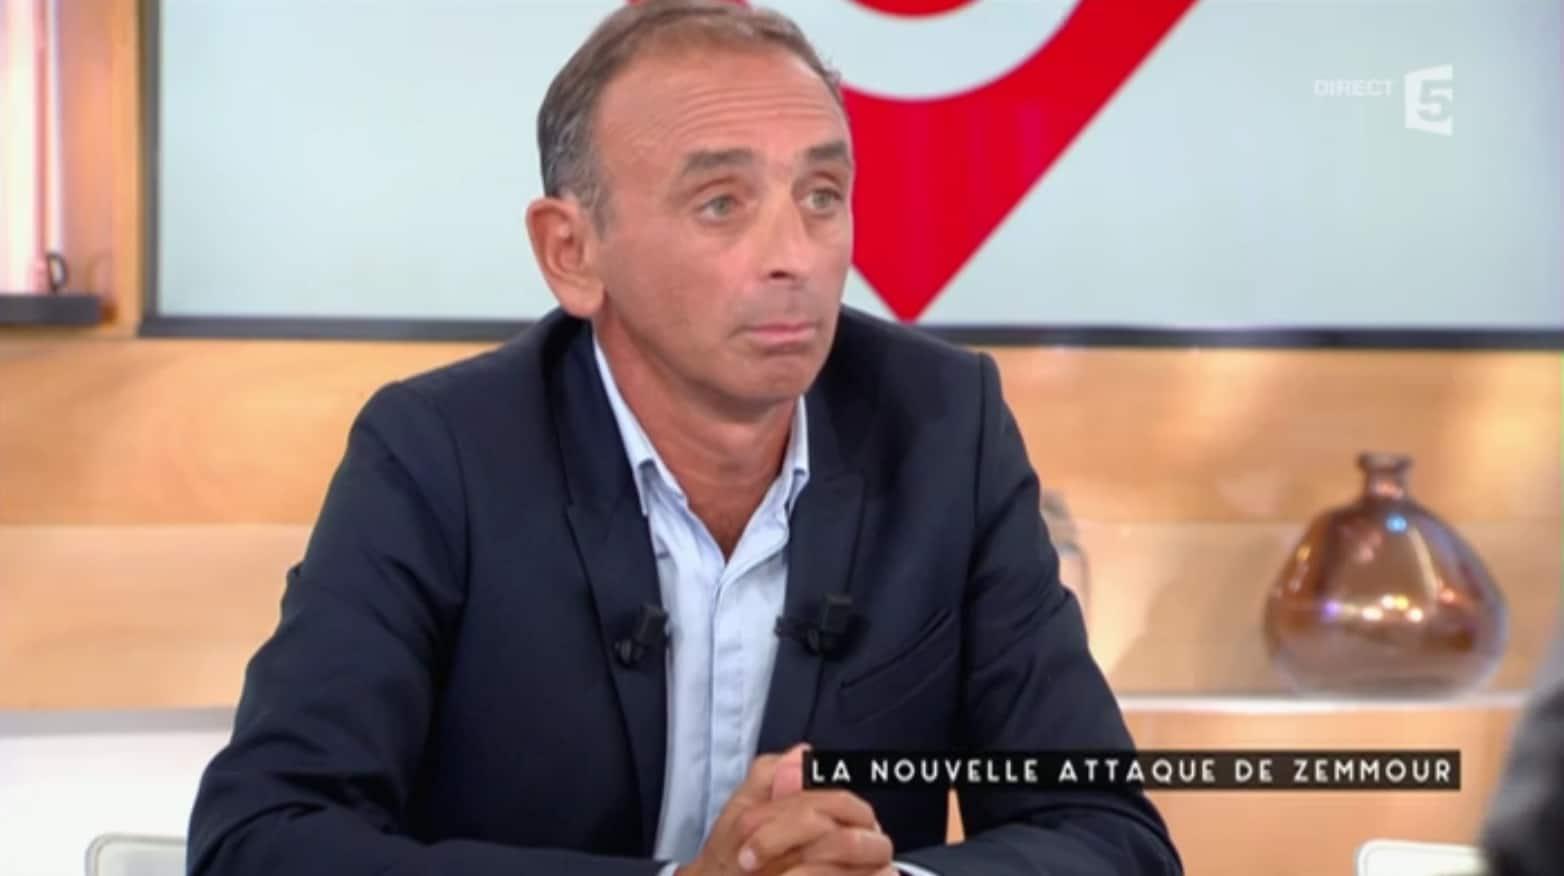 Zemmour accusé de faire l'apologie du terrorisme, un procureur saisi